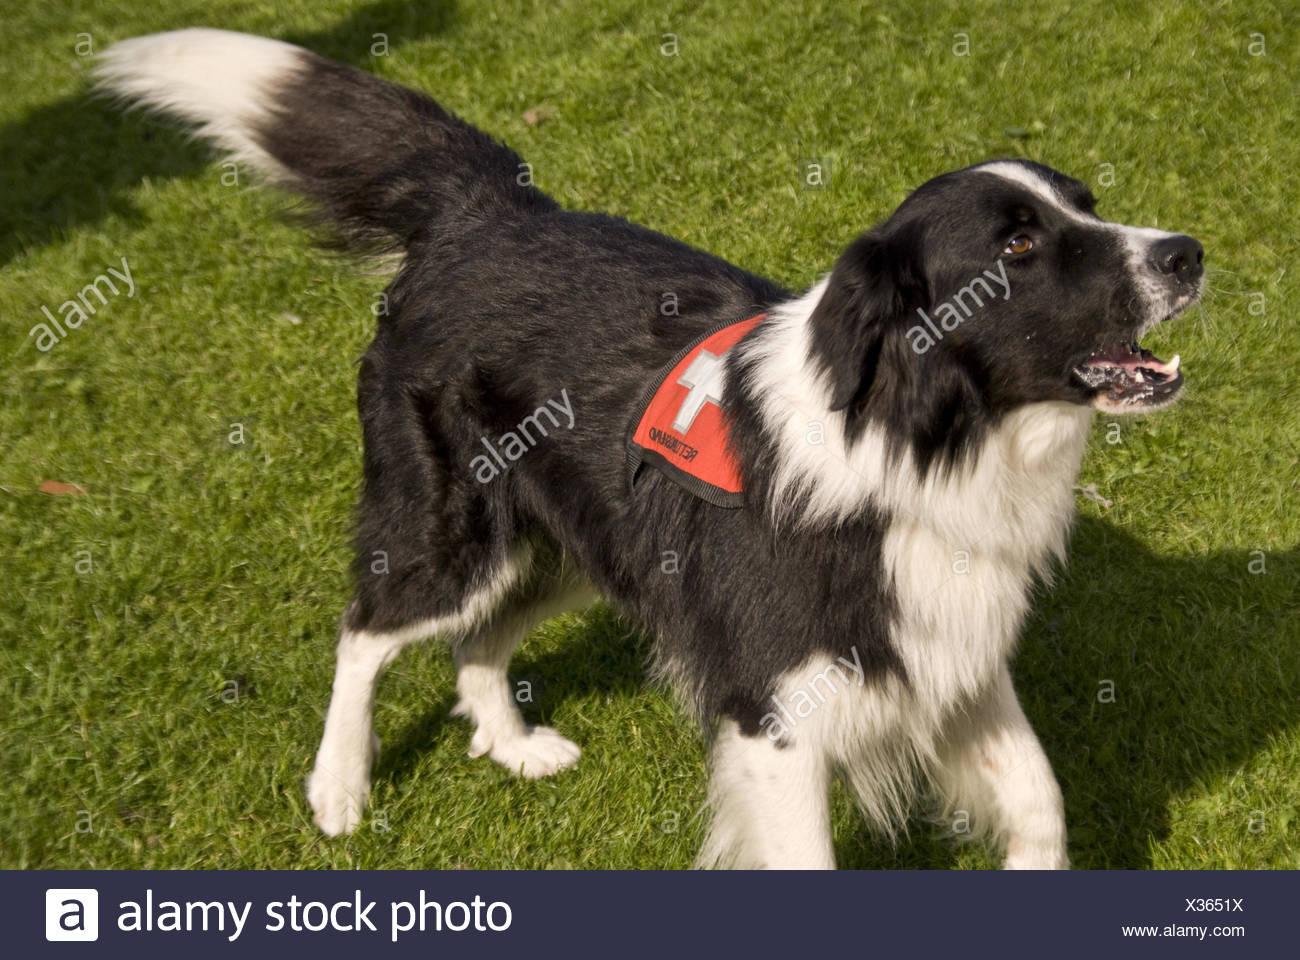 Rescue Dogs Squadron Stock Photo